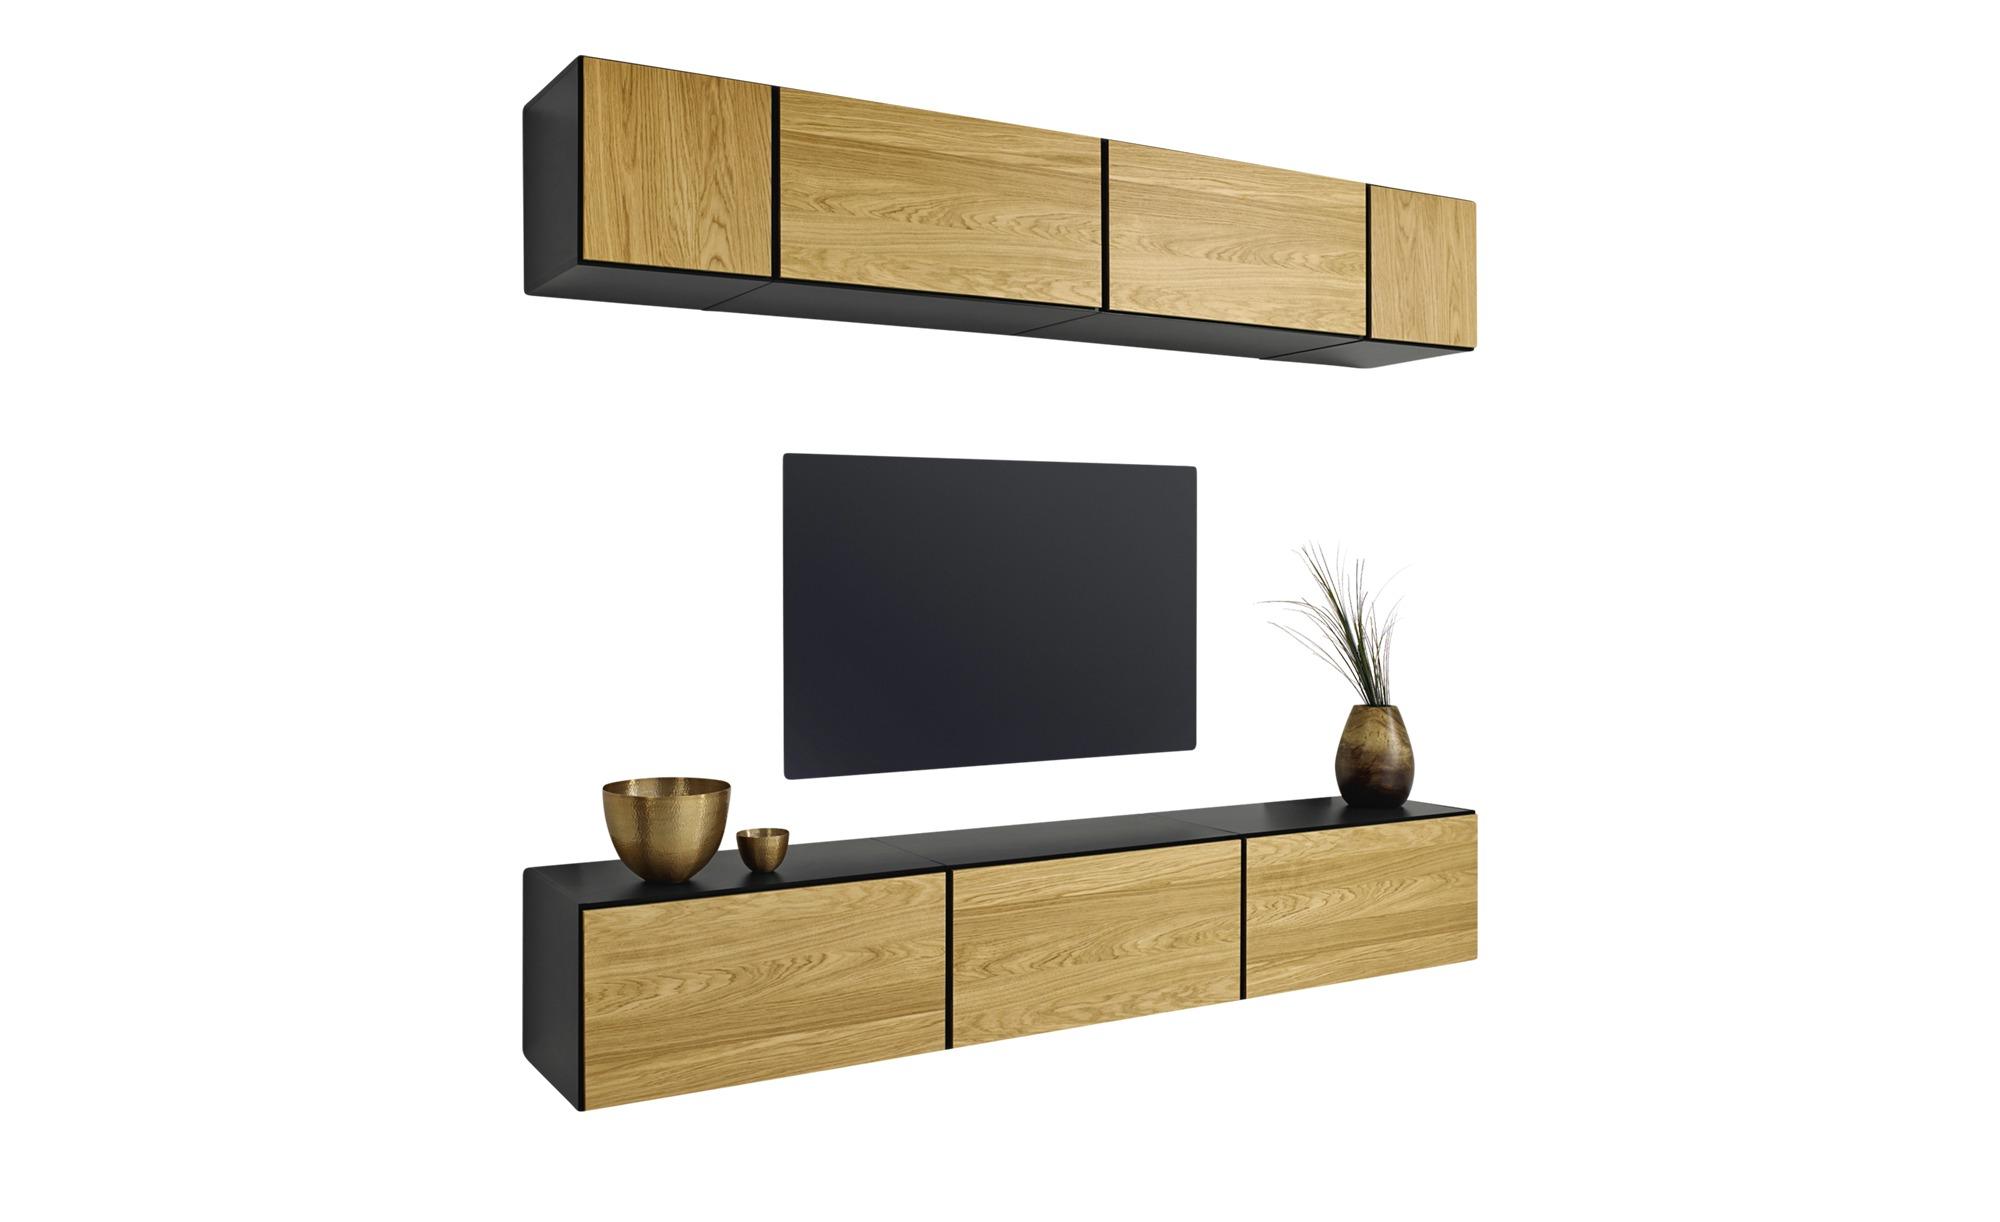 Wohnzimmerschränke hülsta ~ Hülsta living neo living room combination bookcases